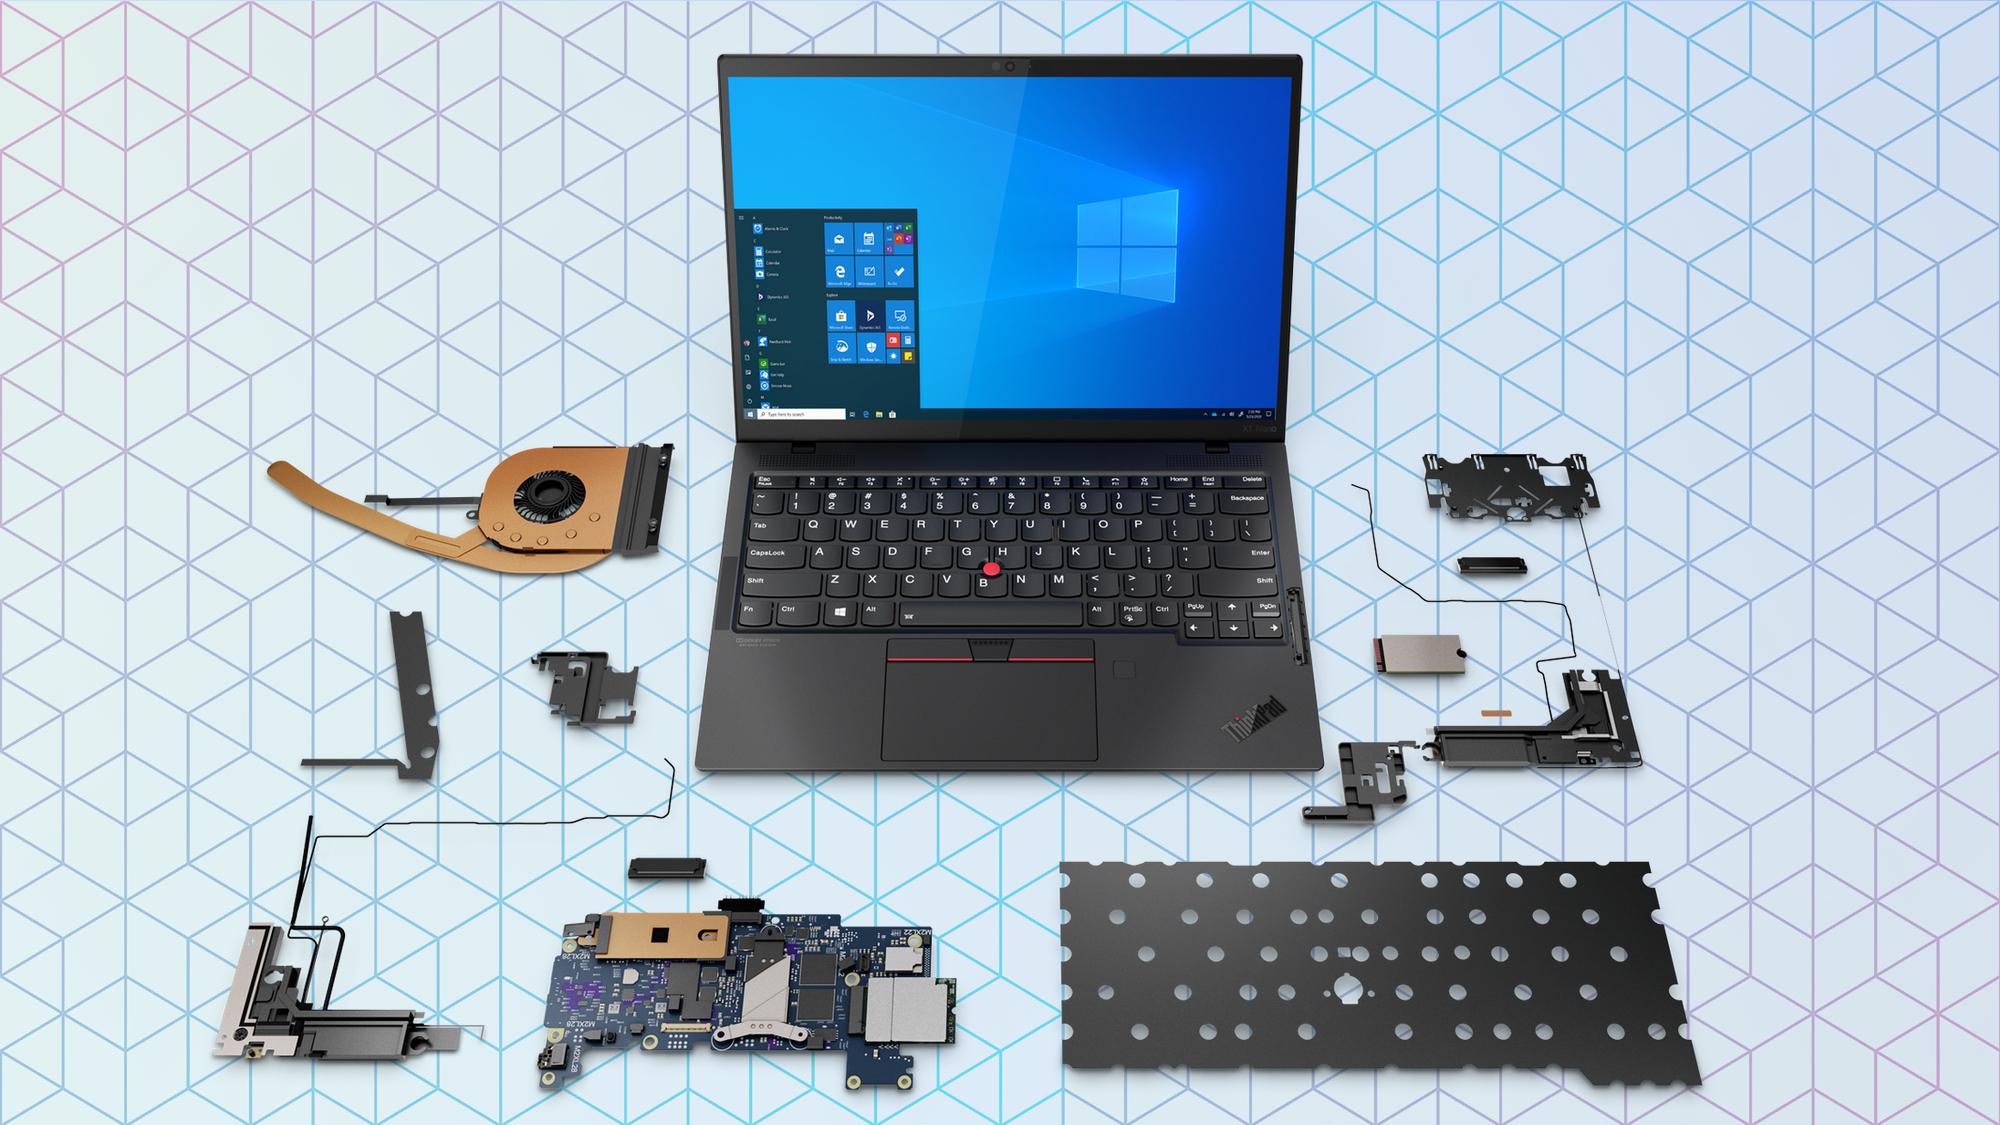 Lenovo ThinkPad X1 Nano all parts